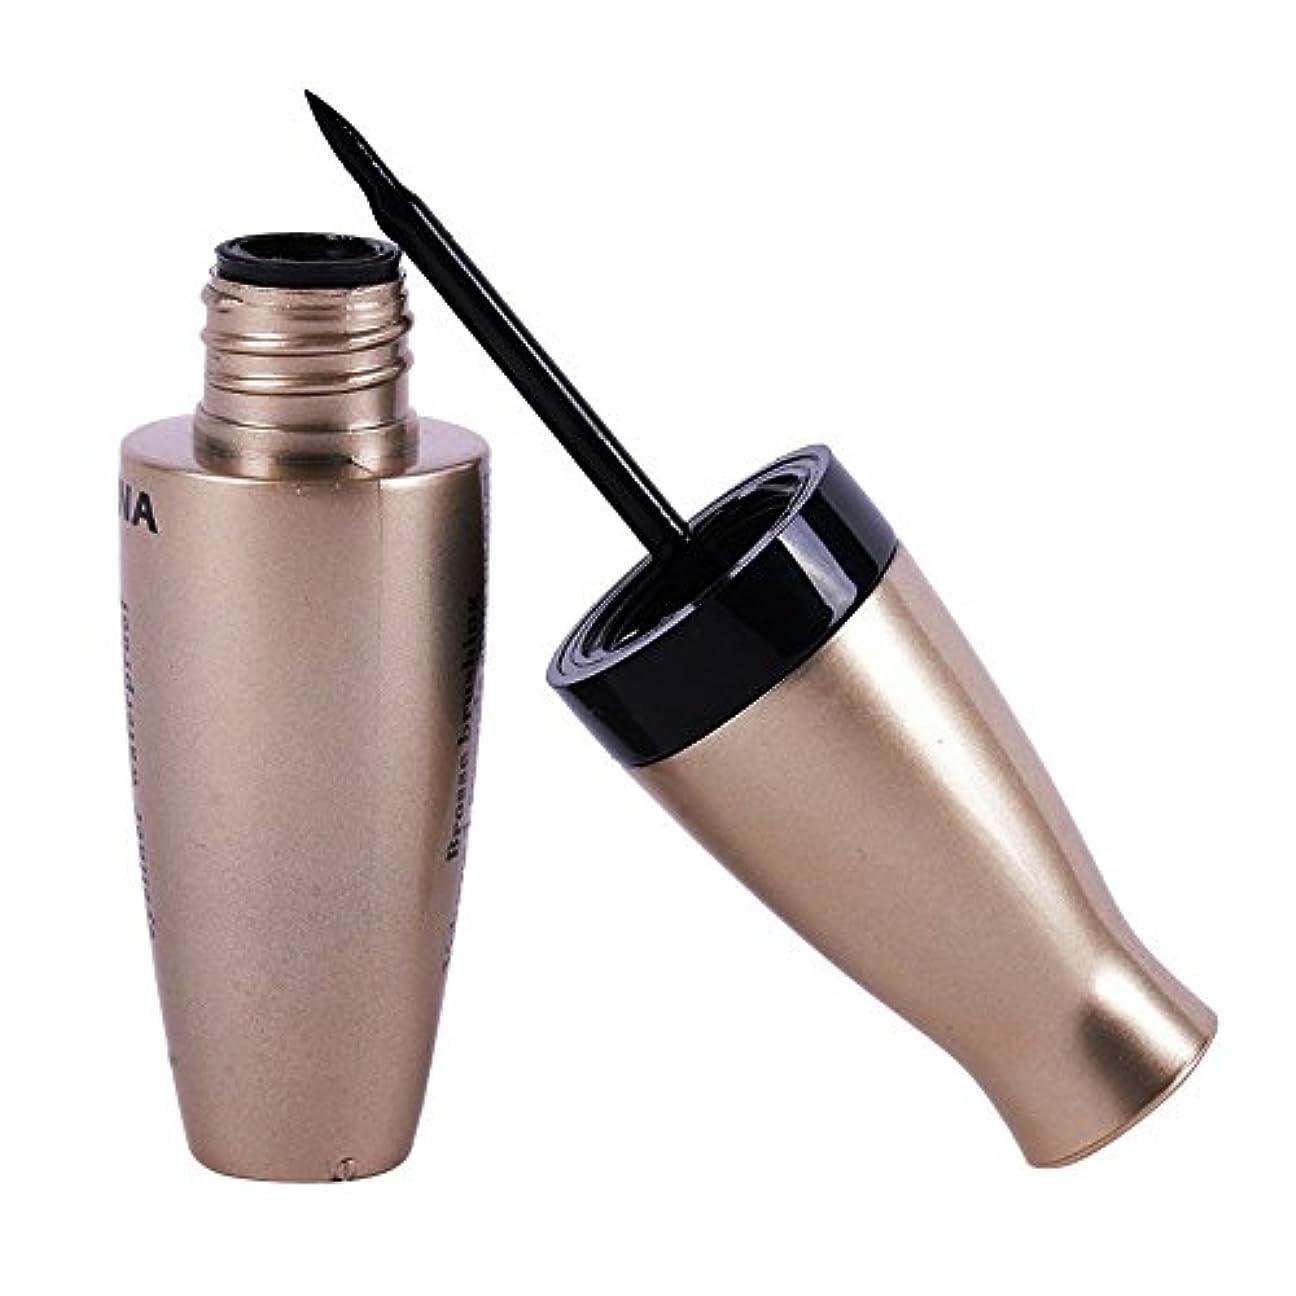 期間リーン他の場所新しいアイライナー防水リキッドアイライナーペンシルペンメイクアップ美容化粧品